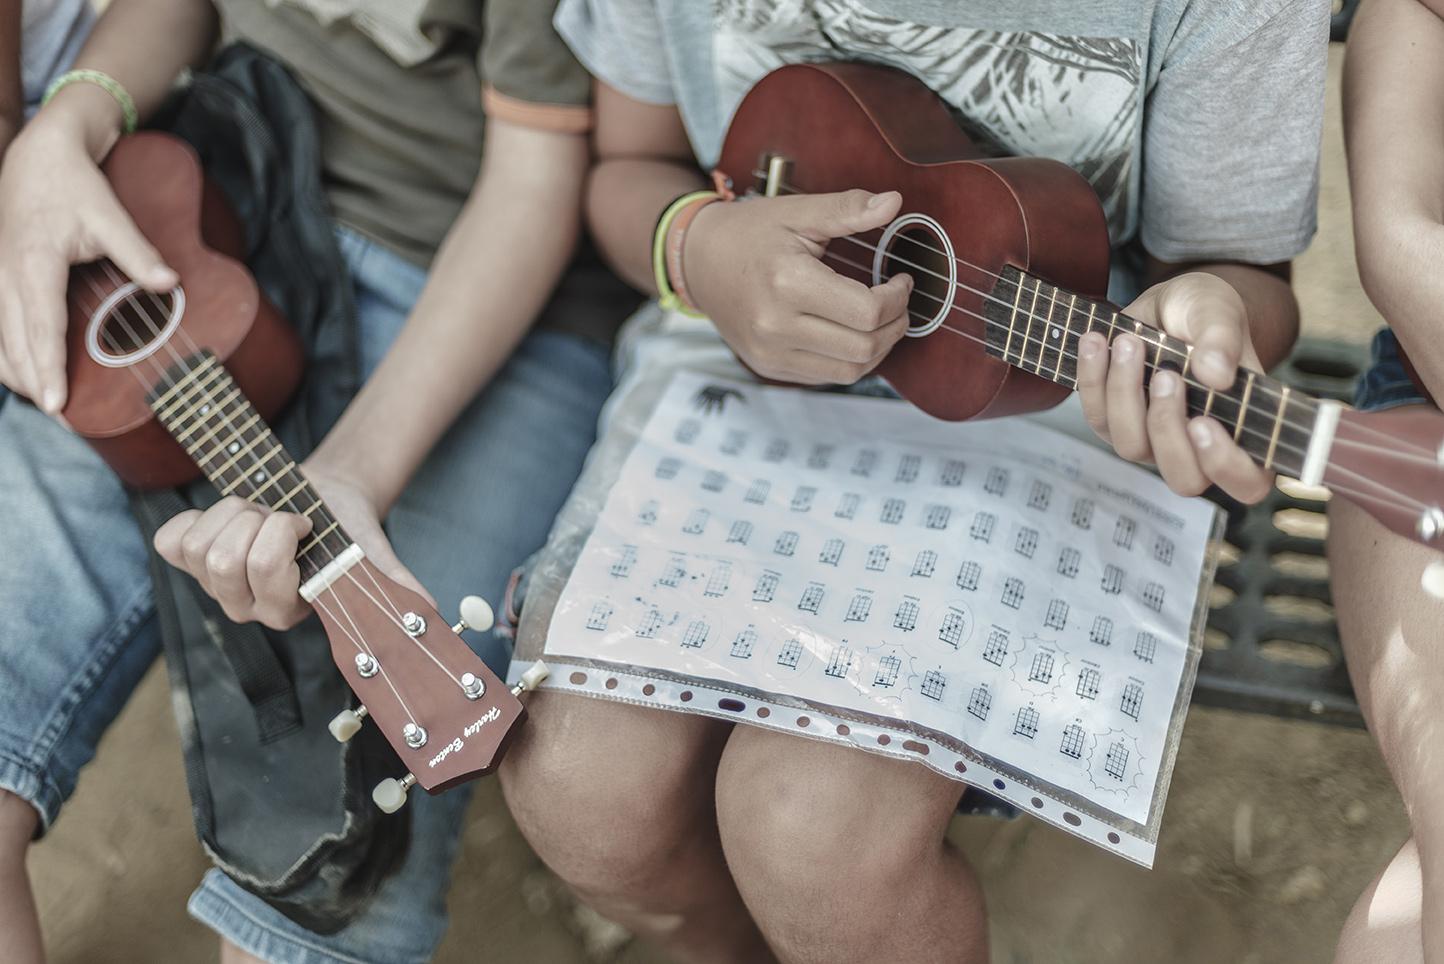 Colegio Aljarafe partituras para el Ukelele